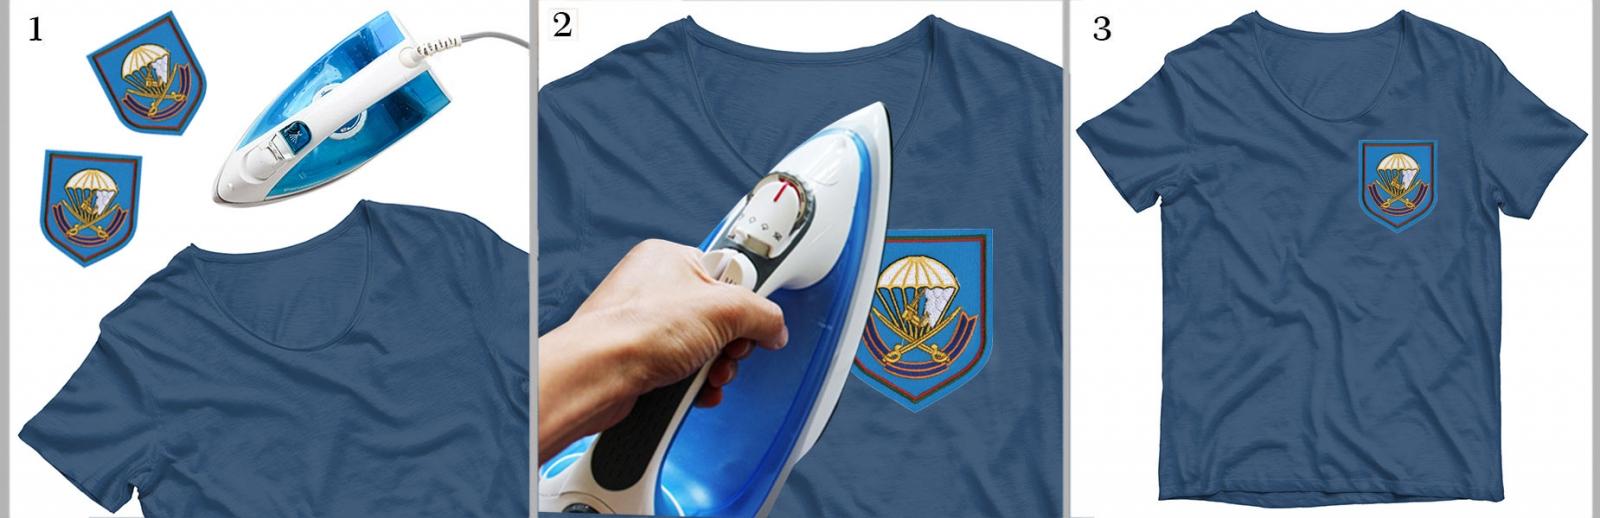 Вышитая эмблема 217 ПДП ВДВ на футболке